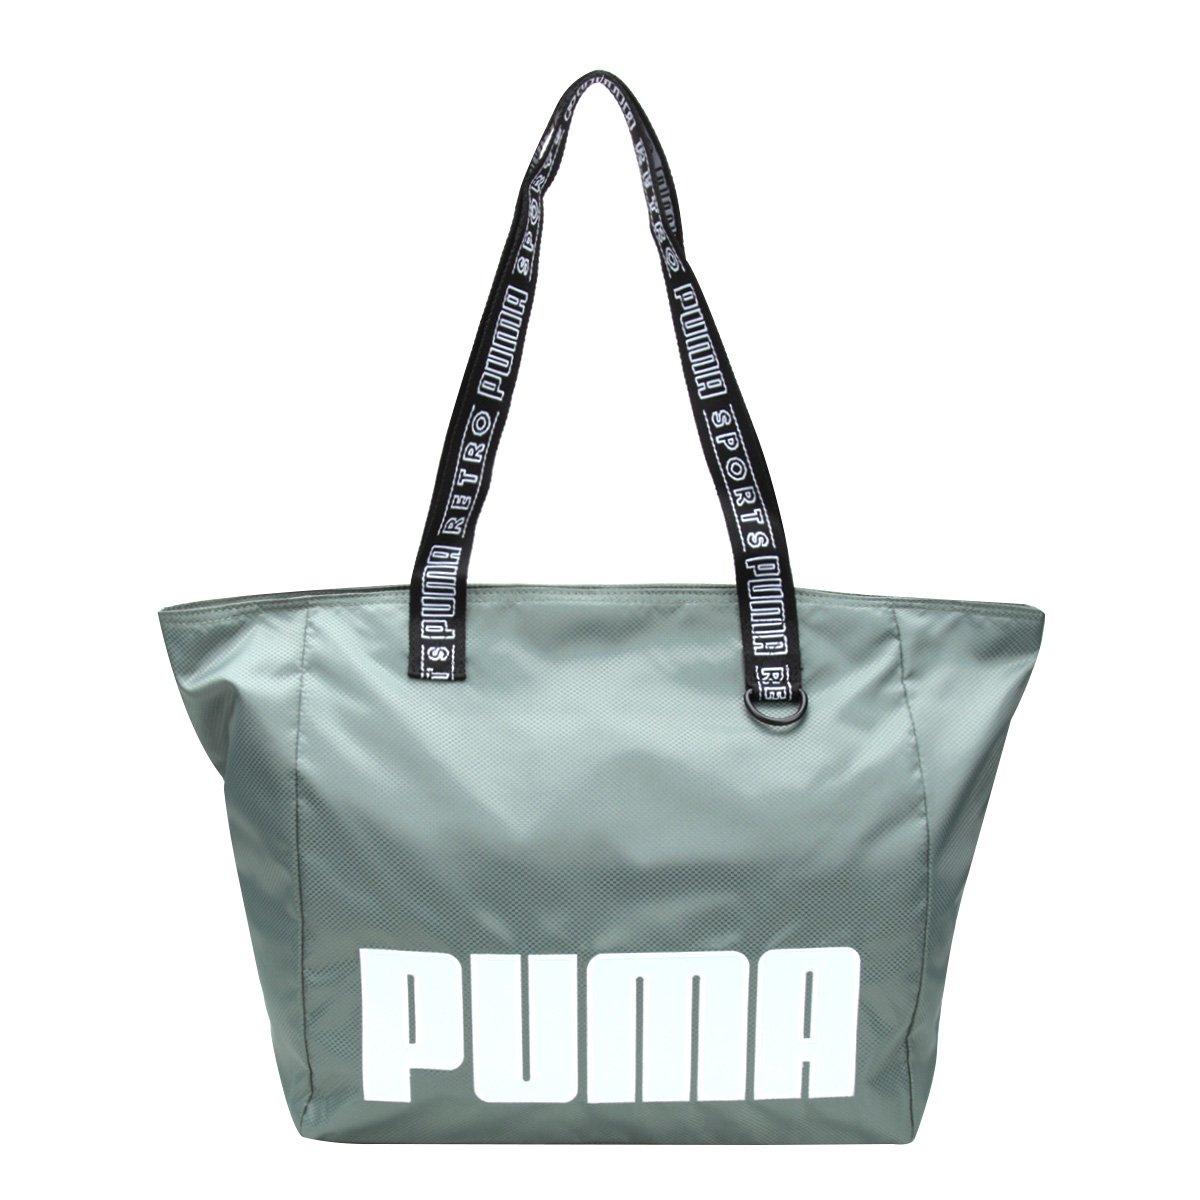 Bolsa Puma Tote Shopper Prime Street Large Feminina - Verde - Compre Agora   7202f8862a8